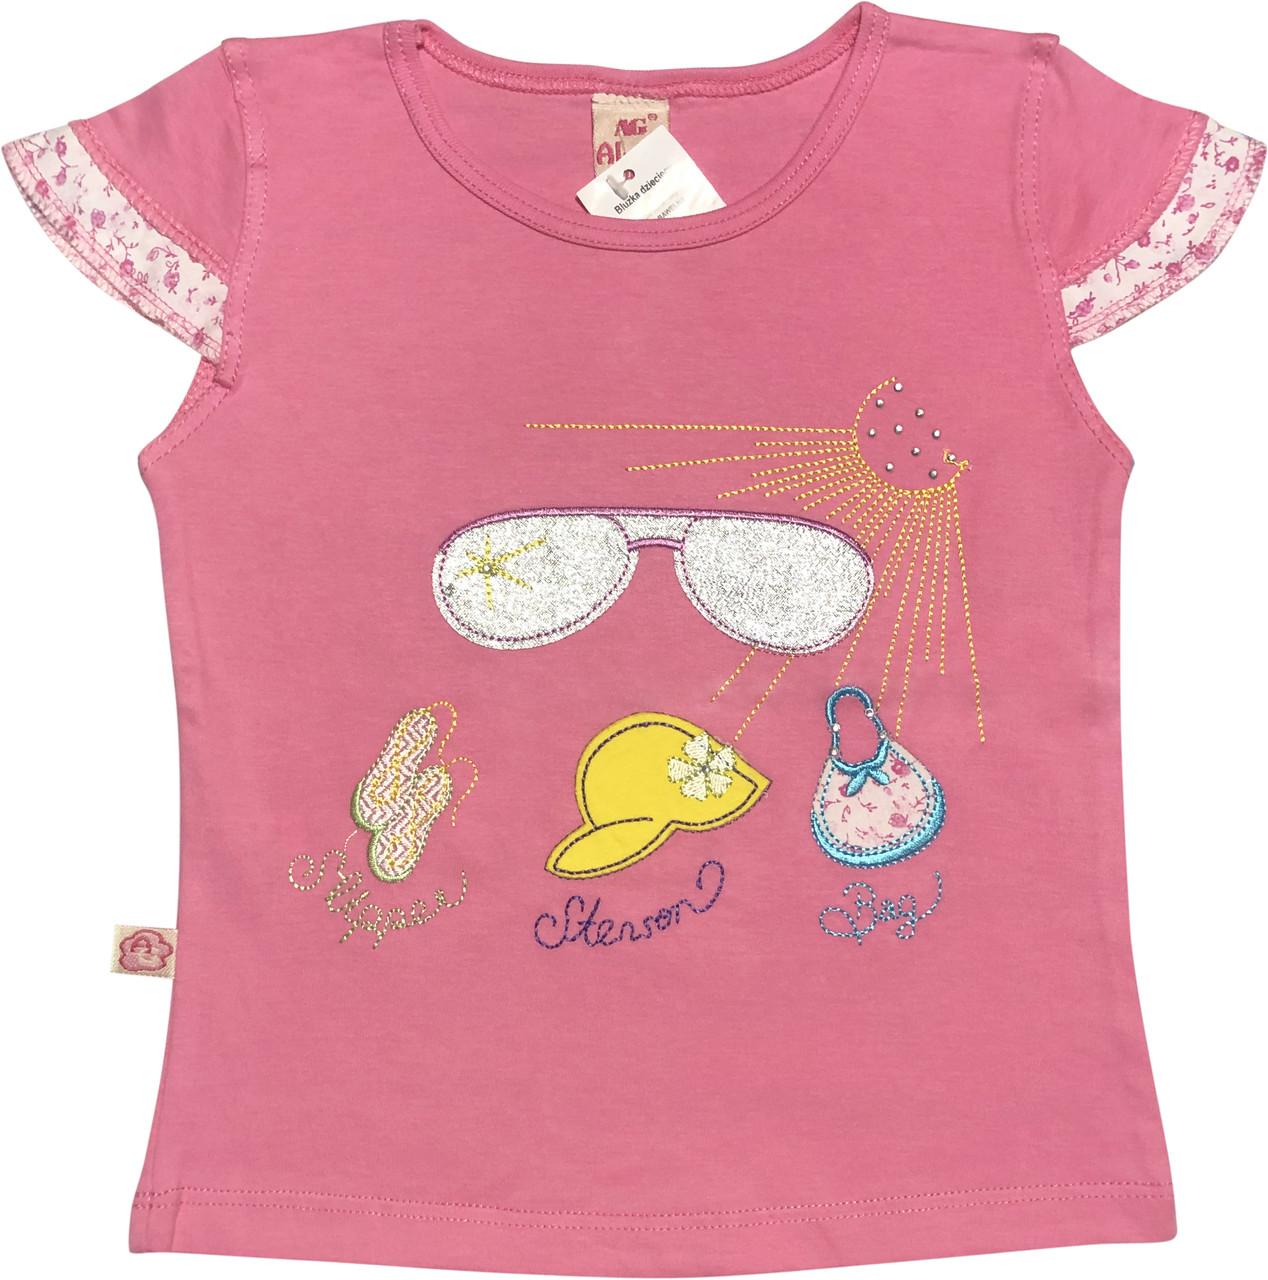 Дитяча футболка на дівчинку ріст 104 3-4 роки для дітей красива стильна ошатна трикотажна рожева